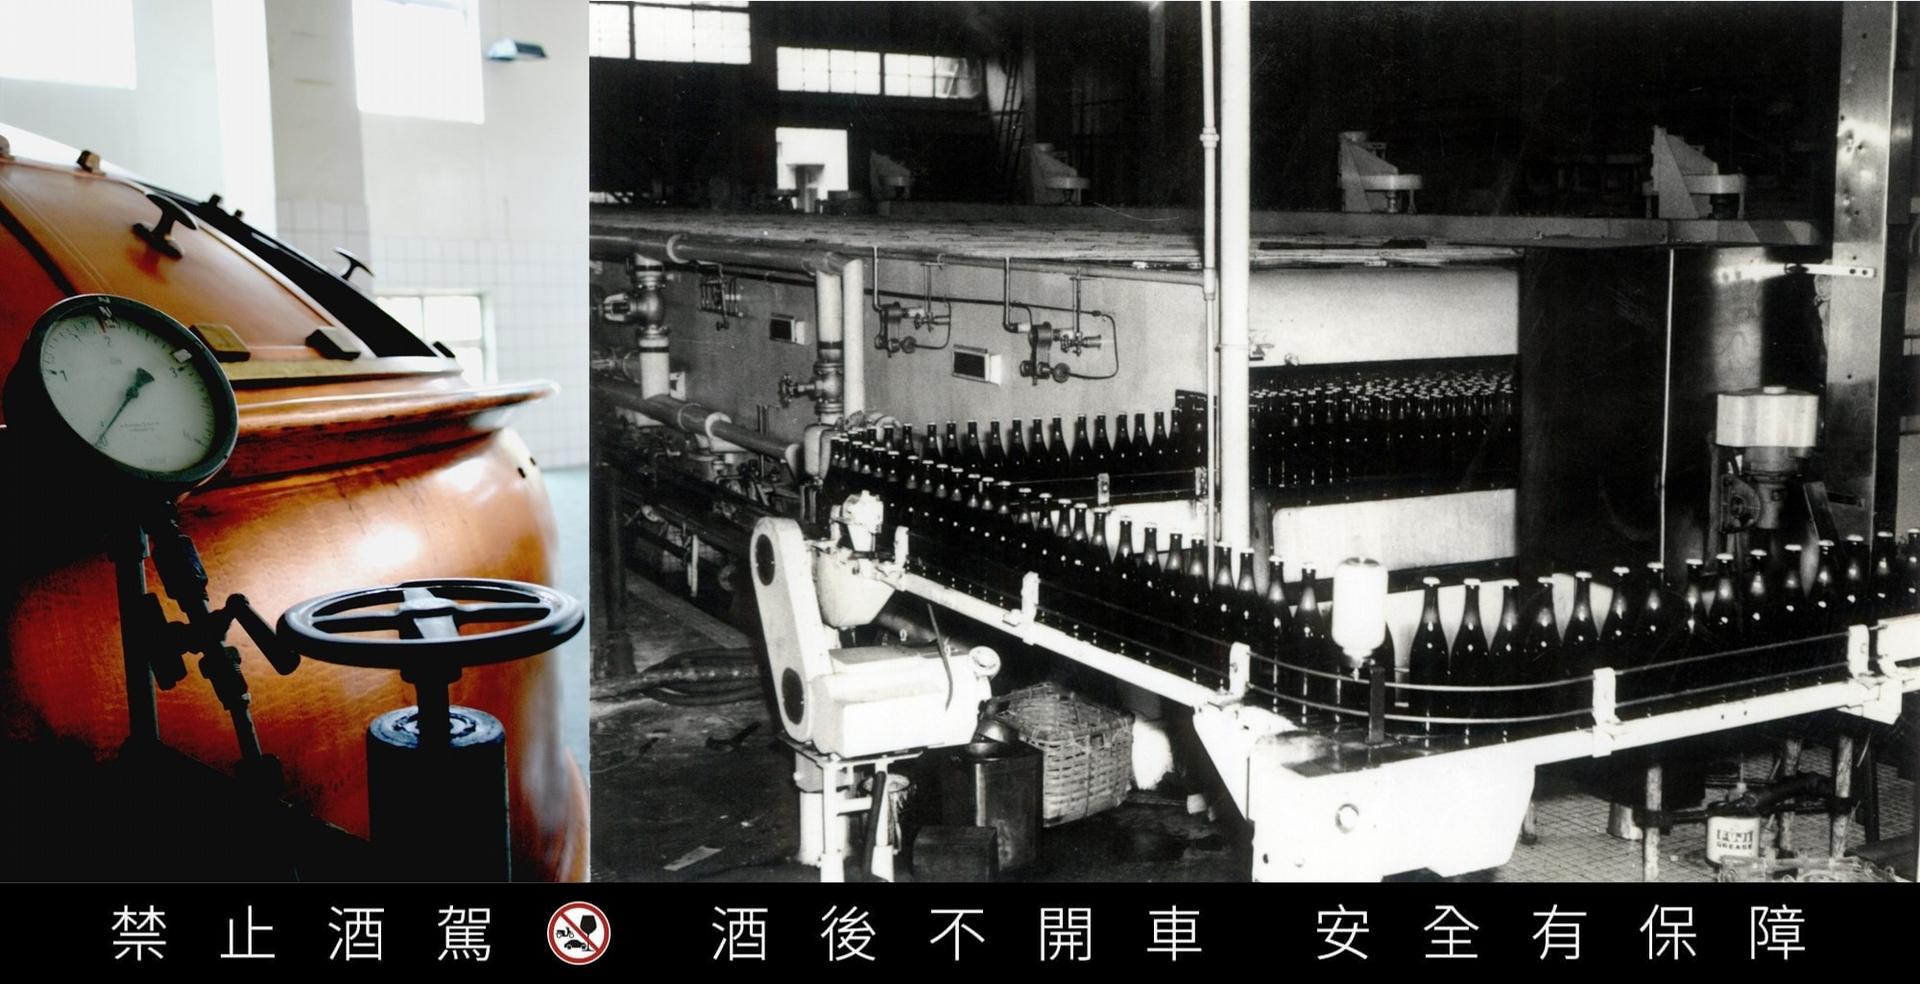 (左)全世界僅留存十座的德製銅製糖化釜 (右) 員工與設備舊照